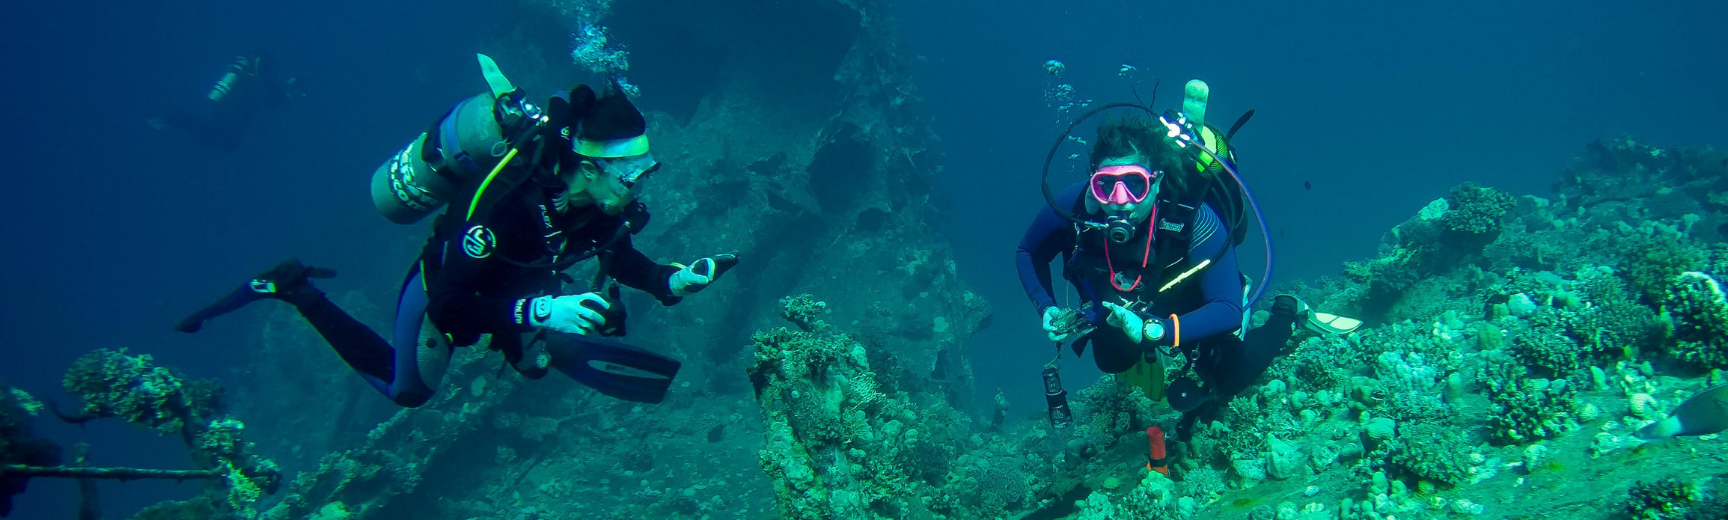 underwater exploration banner